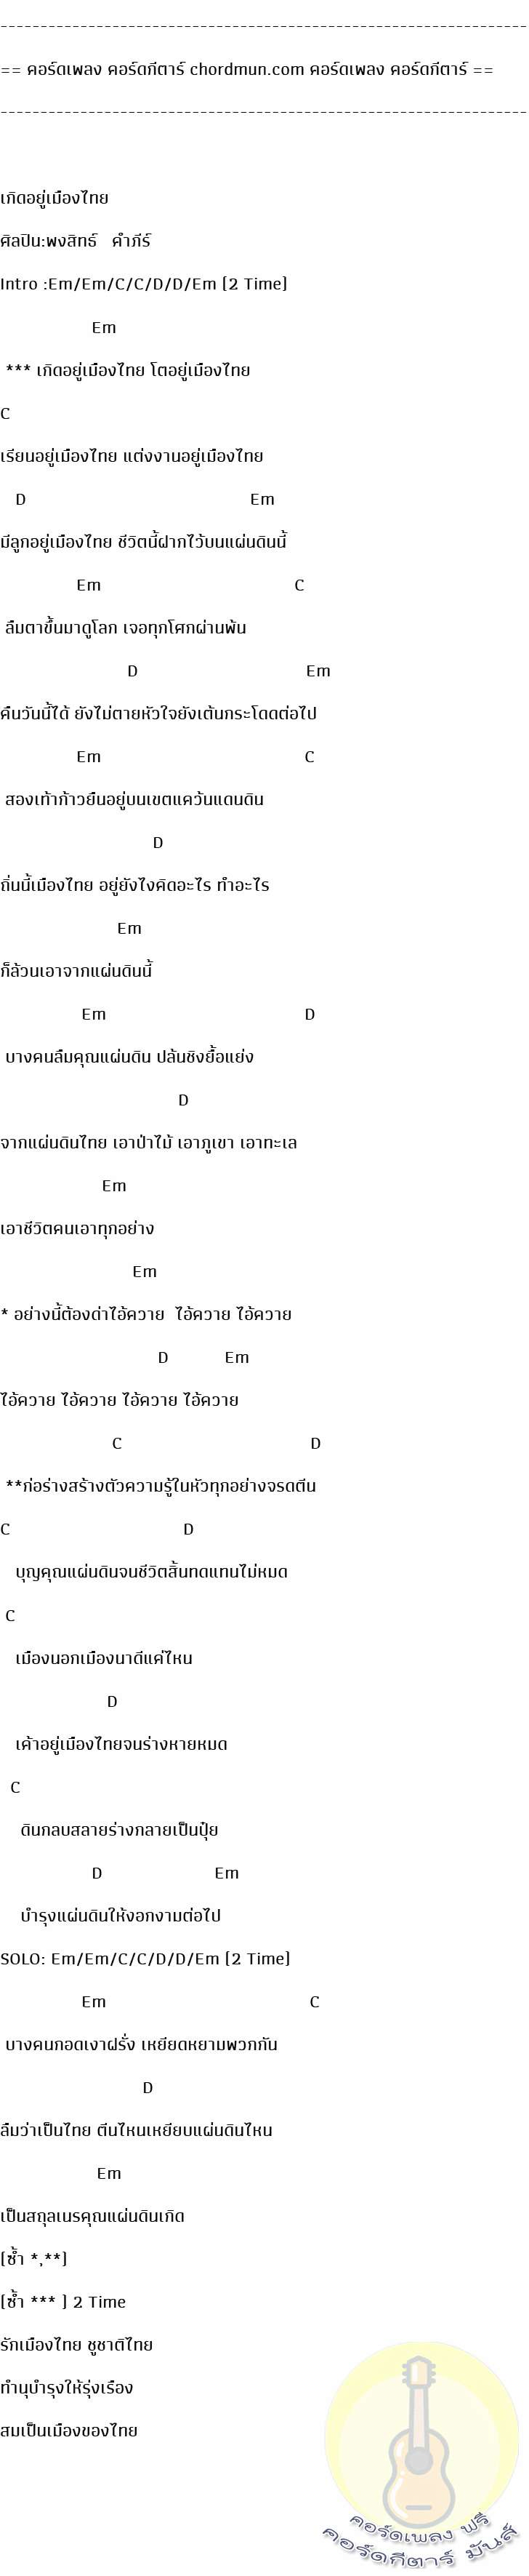 คอร์ดกี่ต้า  เพลง เกิดอยู่เมืองไทย